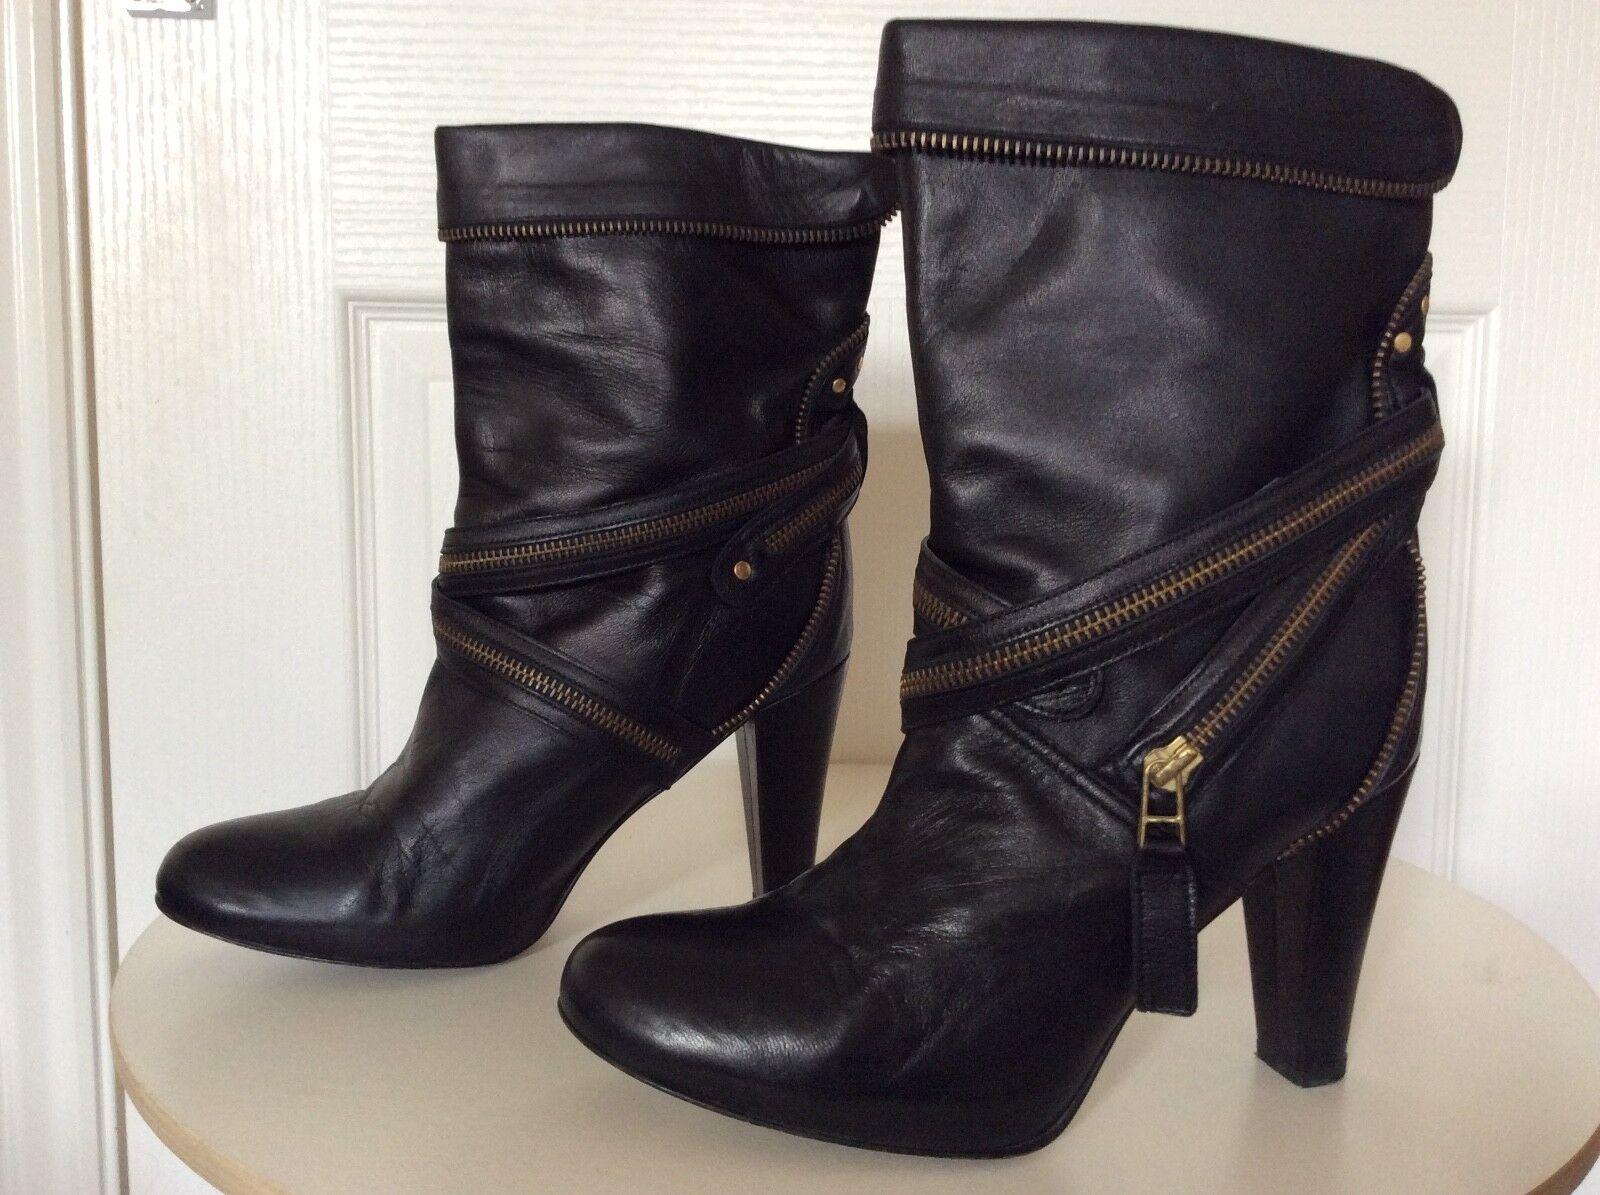 Señoras Botas De Cuero Negro Reiss De Lujo Calidad Elegante Diseño Con Cremallera en muy buena condición